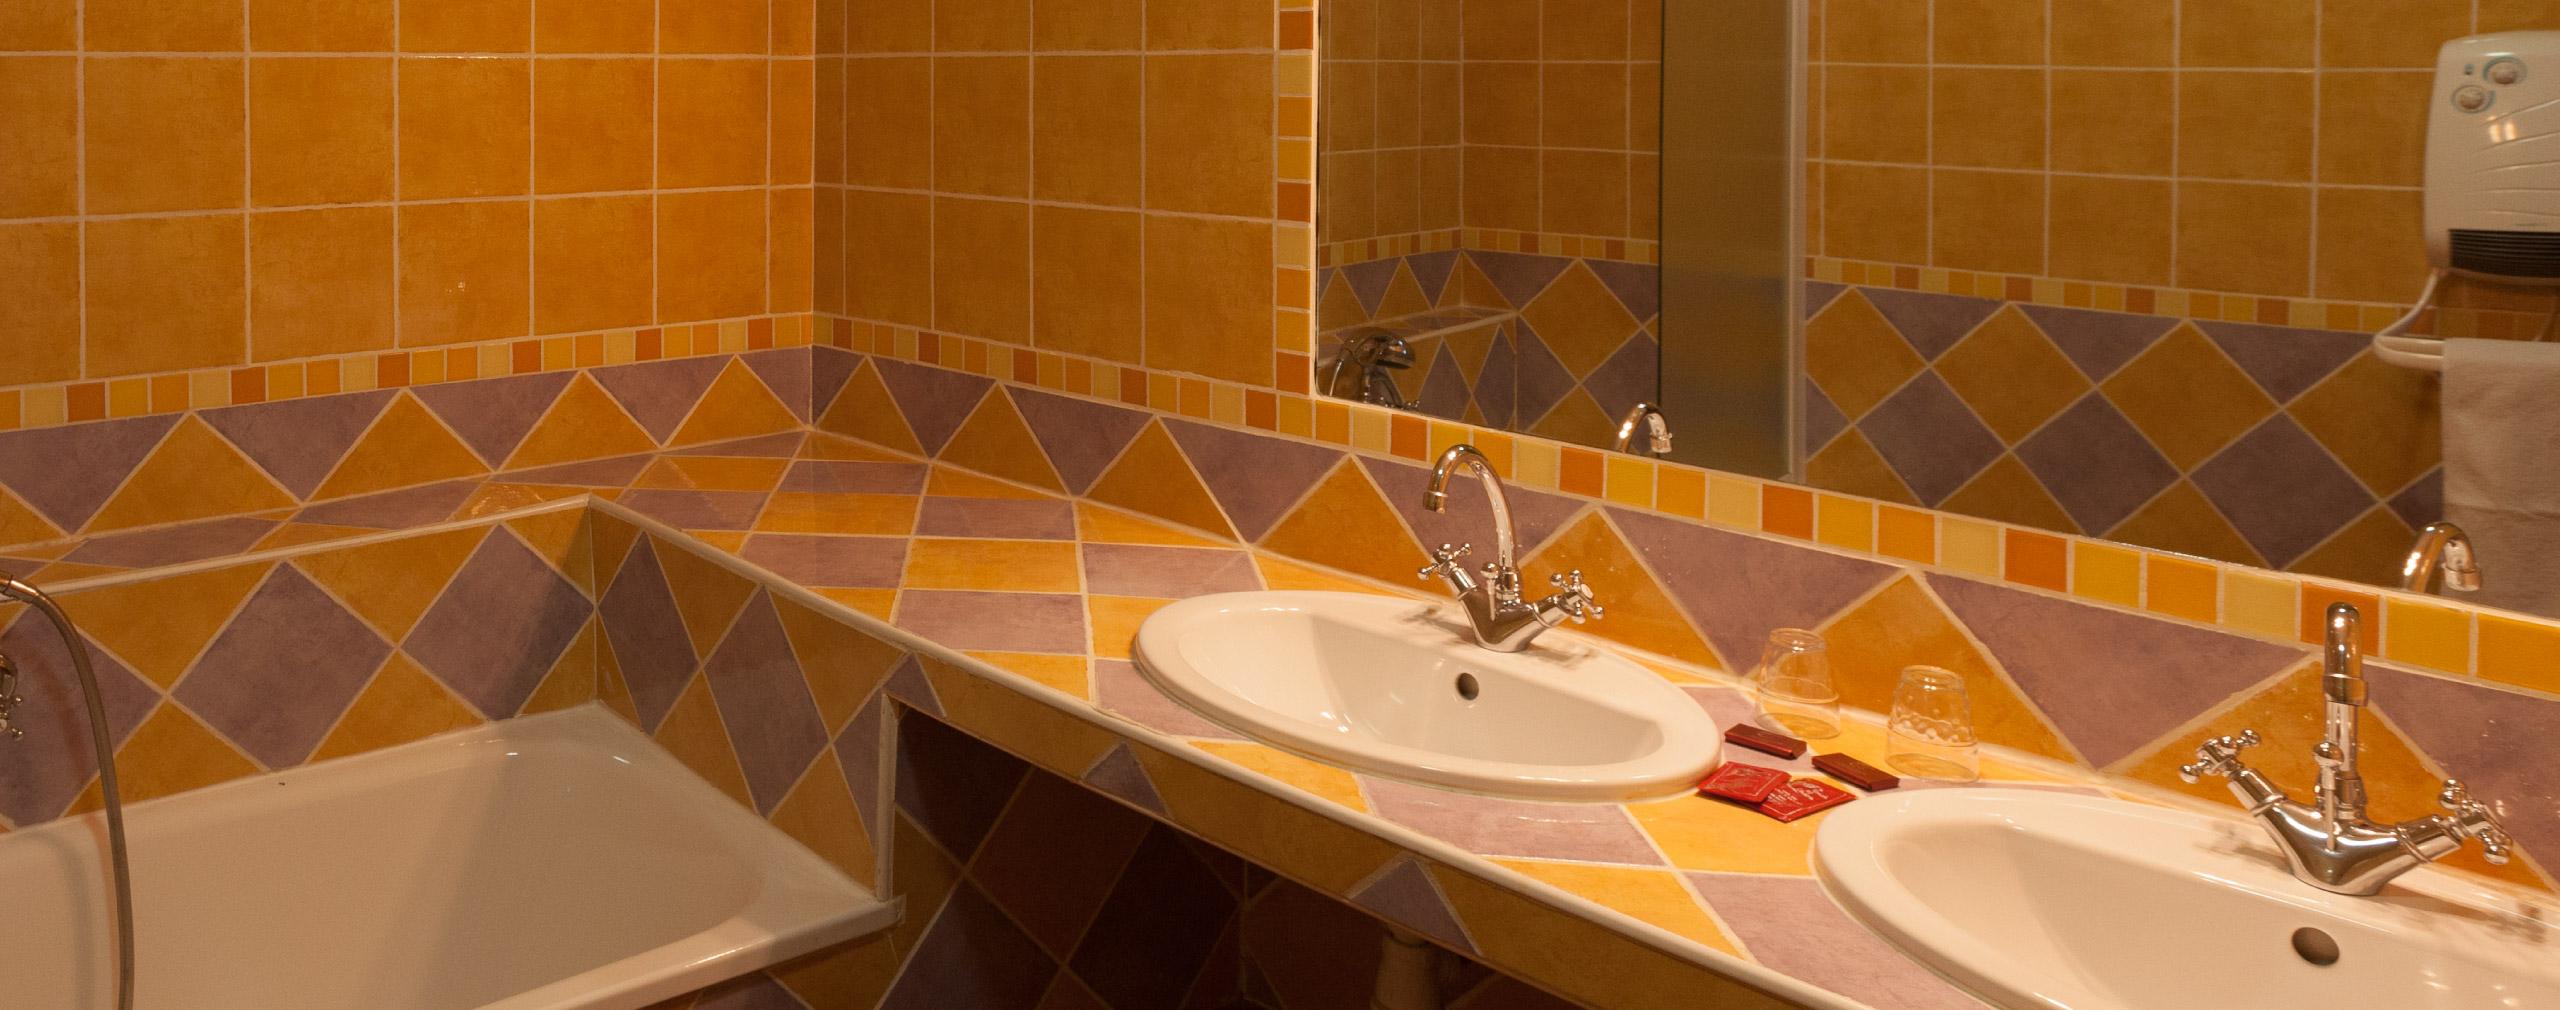 Salle de bains chambre d'hôtel